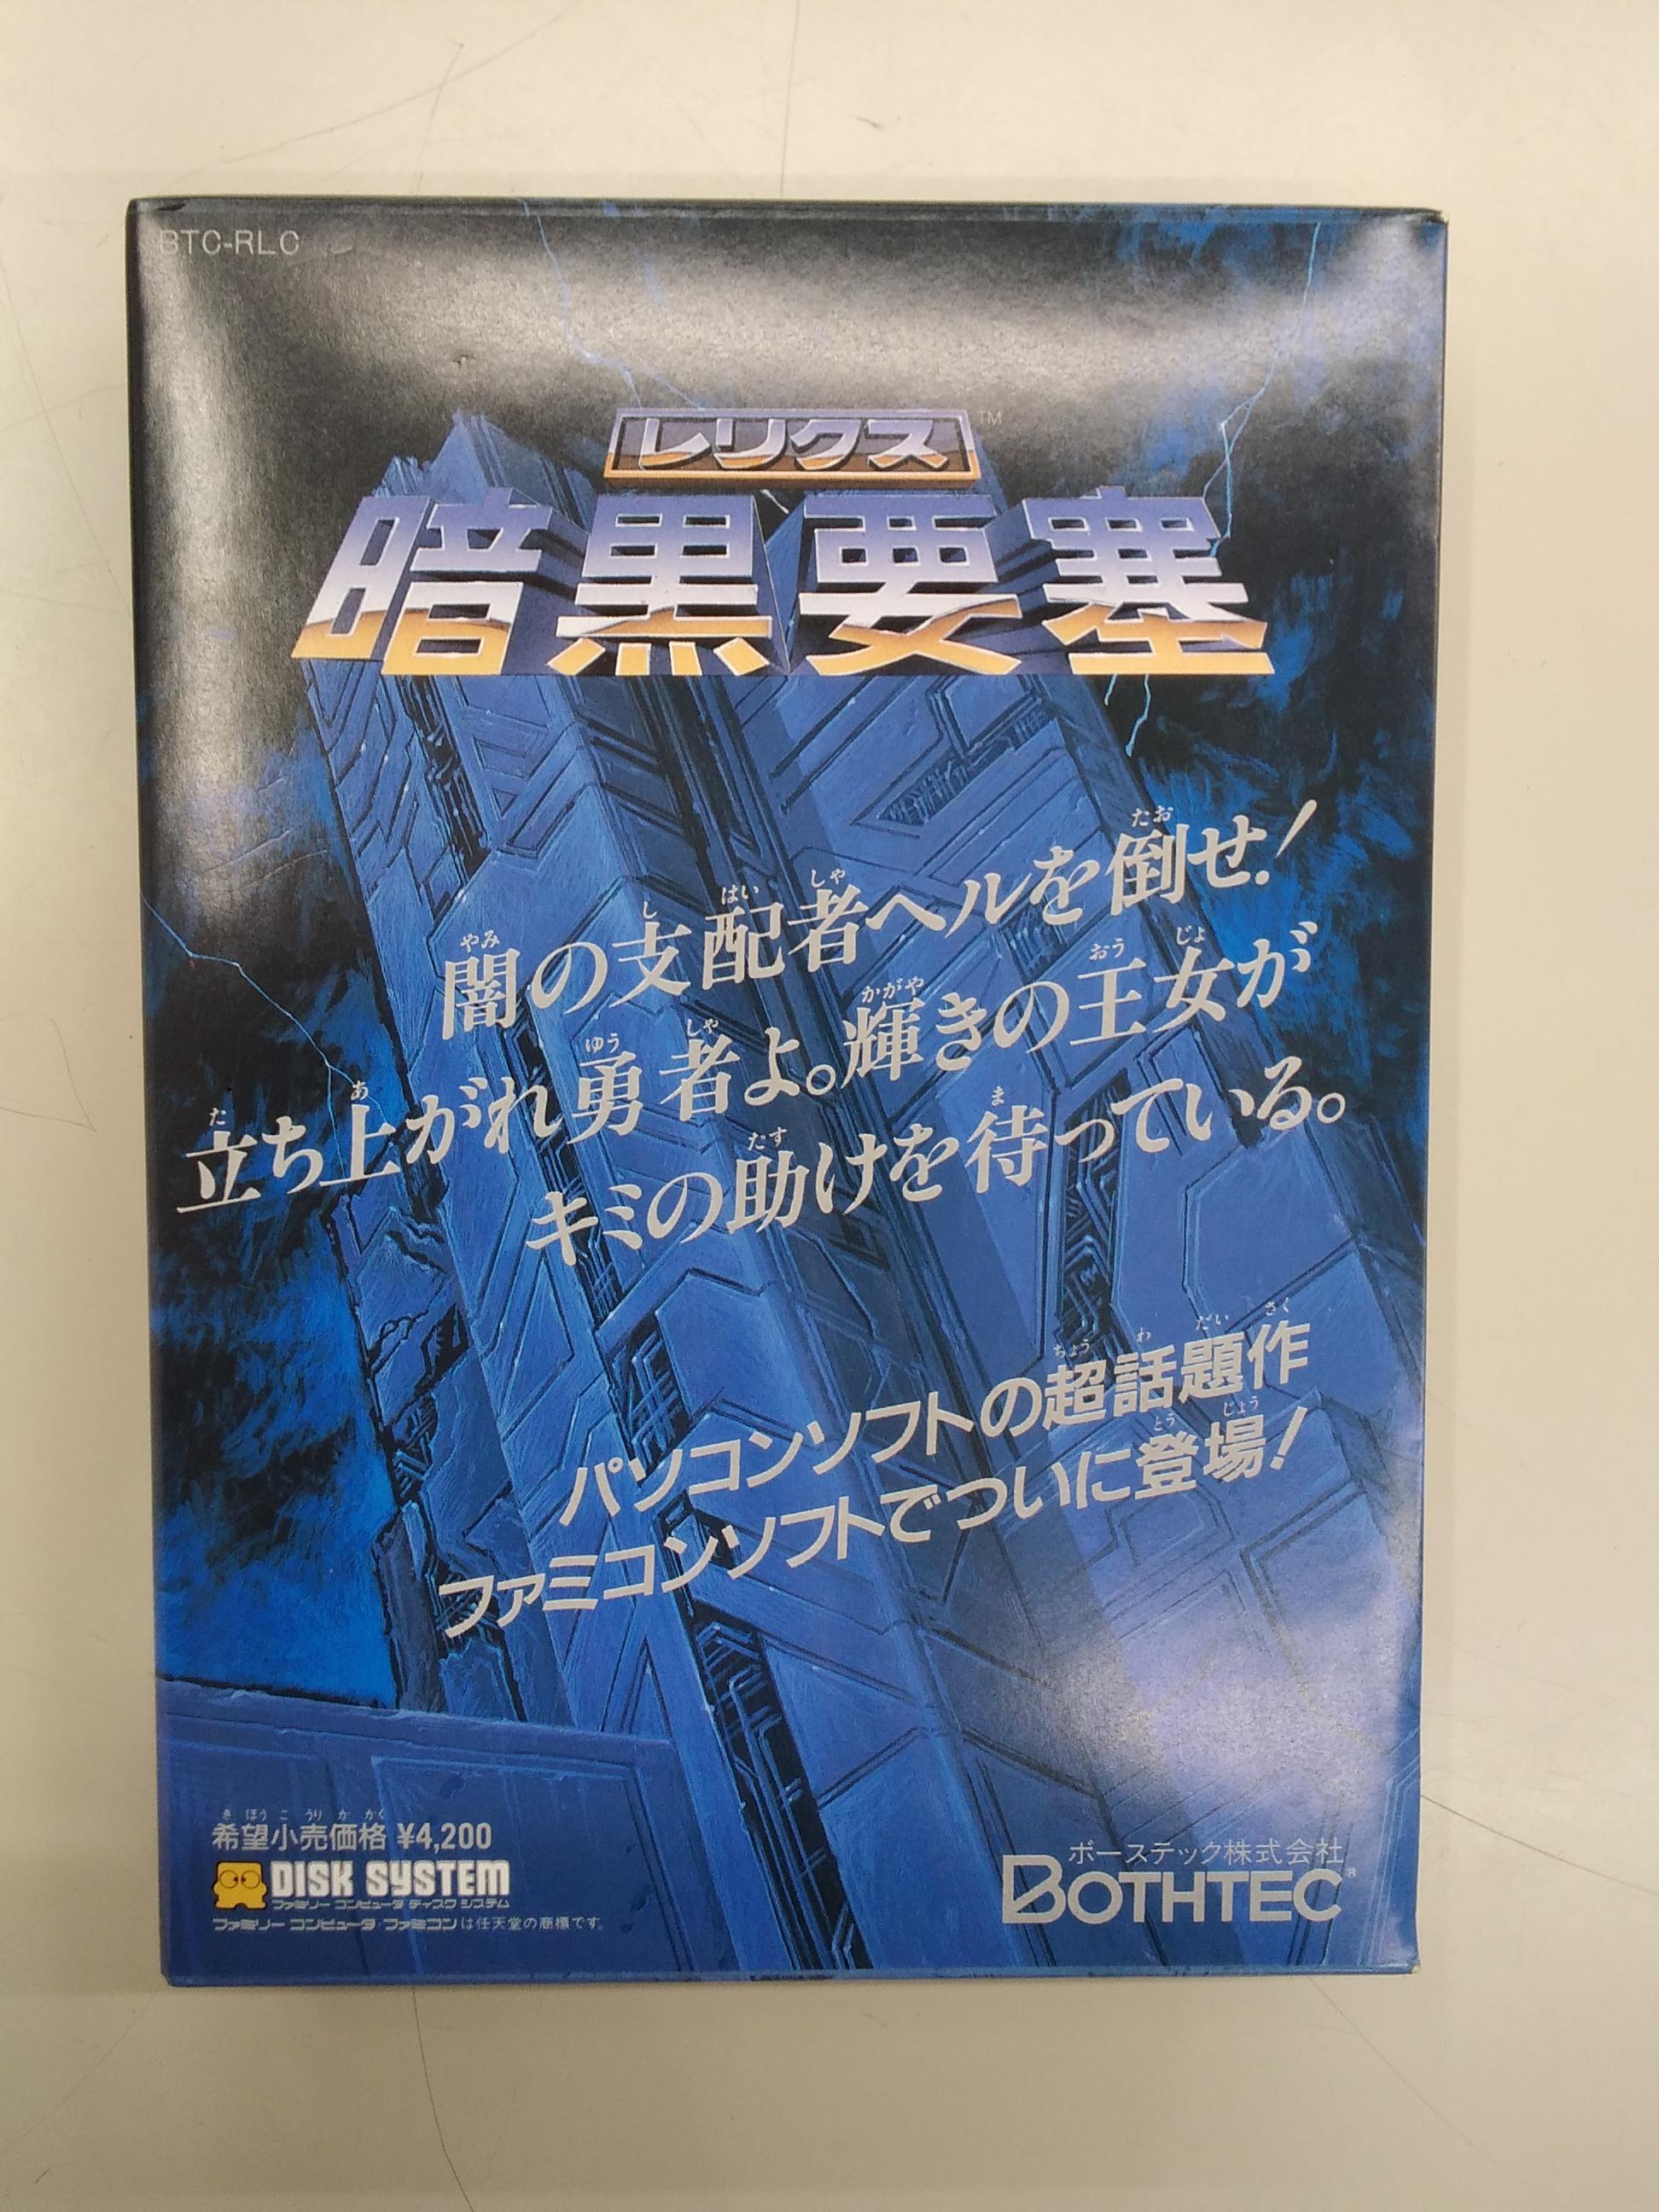 ファミコンカセット|ボーステック